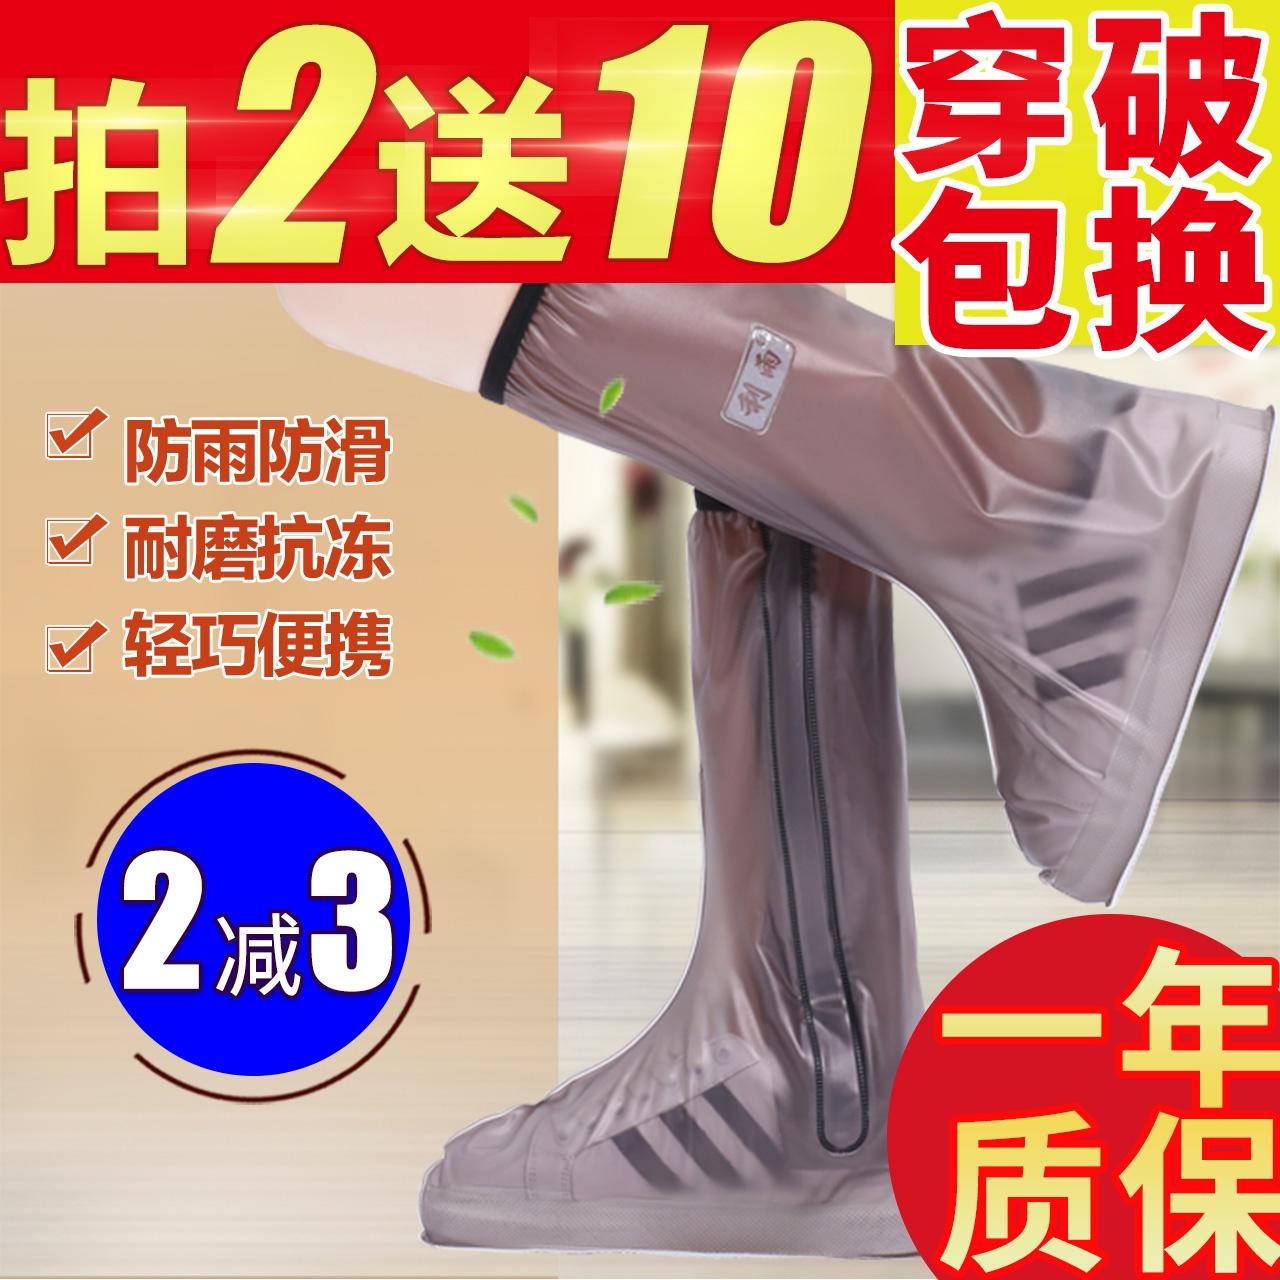 高筒防雨鞋套防水雨天儿童防沙防雪防滑加厚耐磨成人户外骑行鞋套